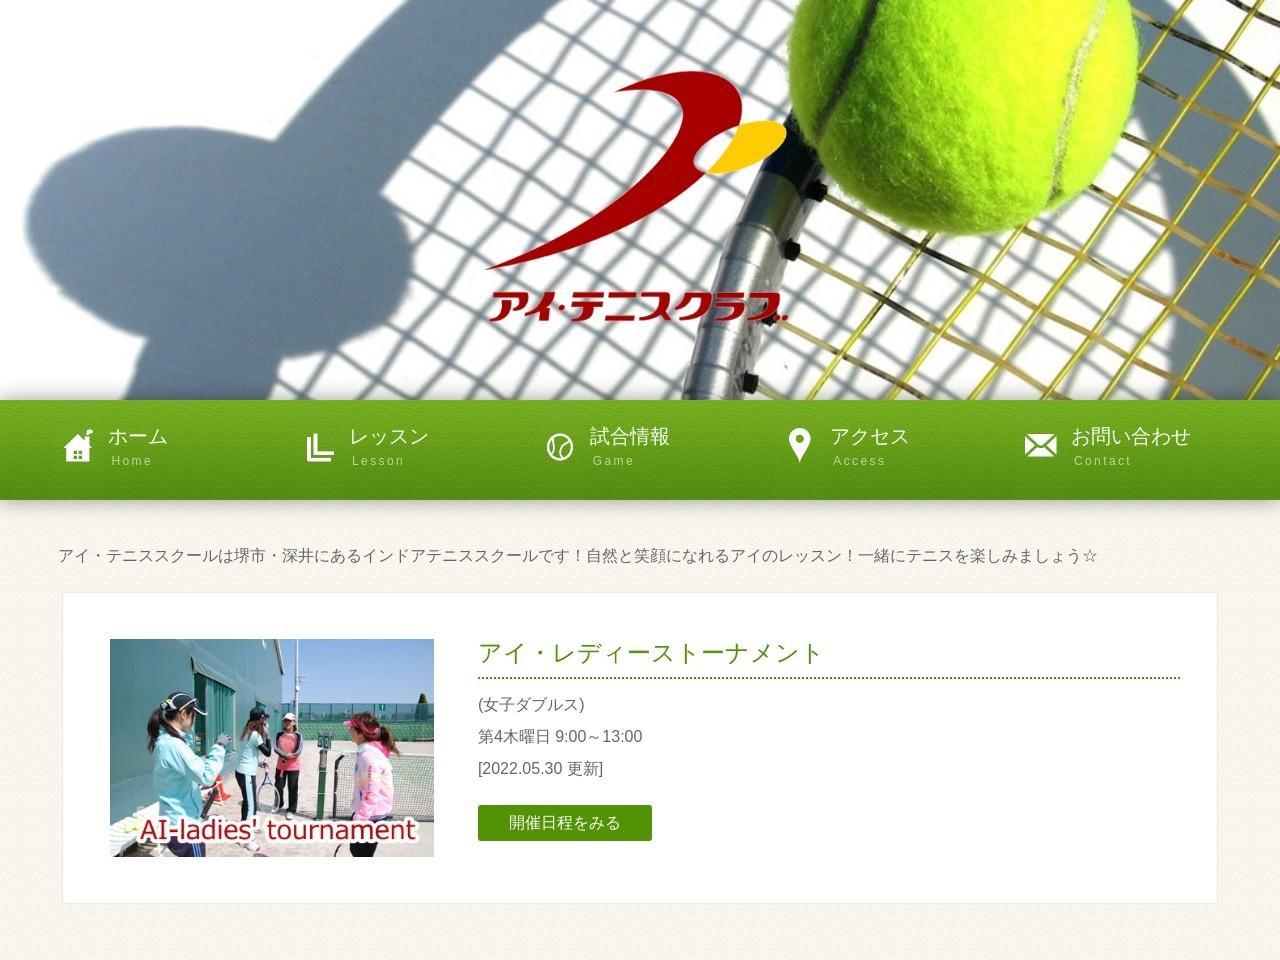 アイ・テニスクラブ